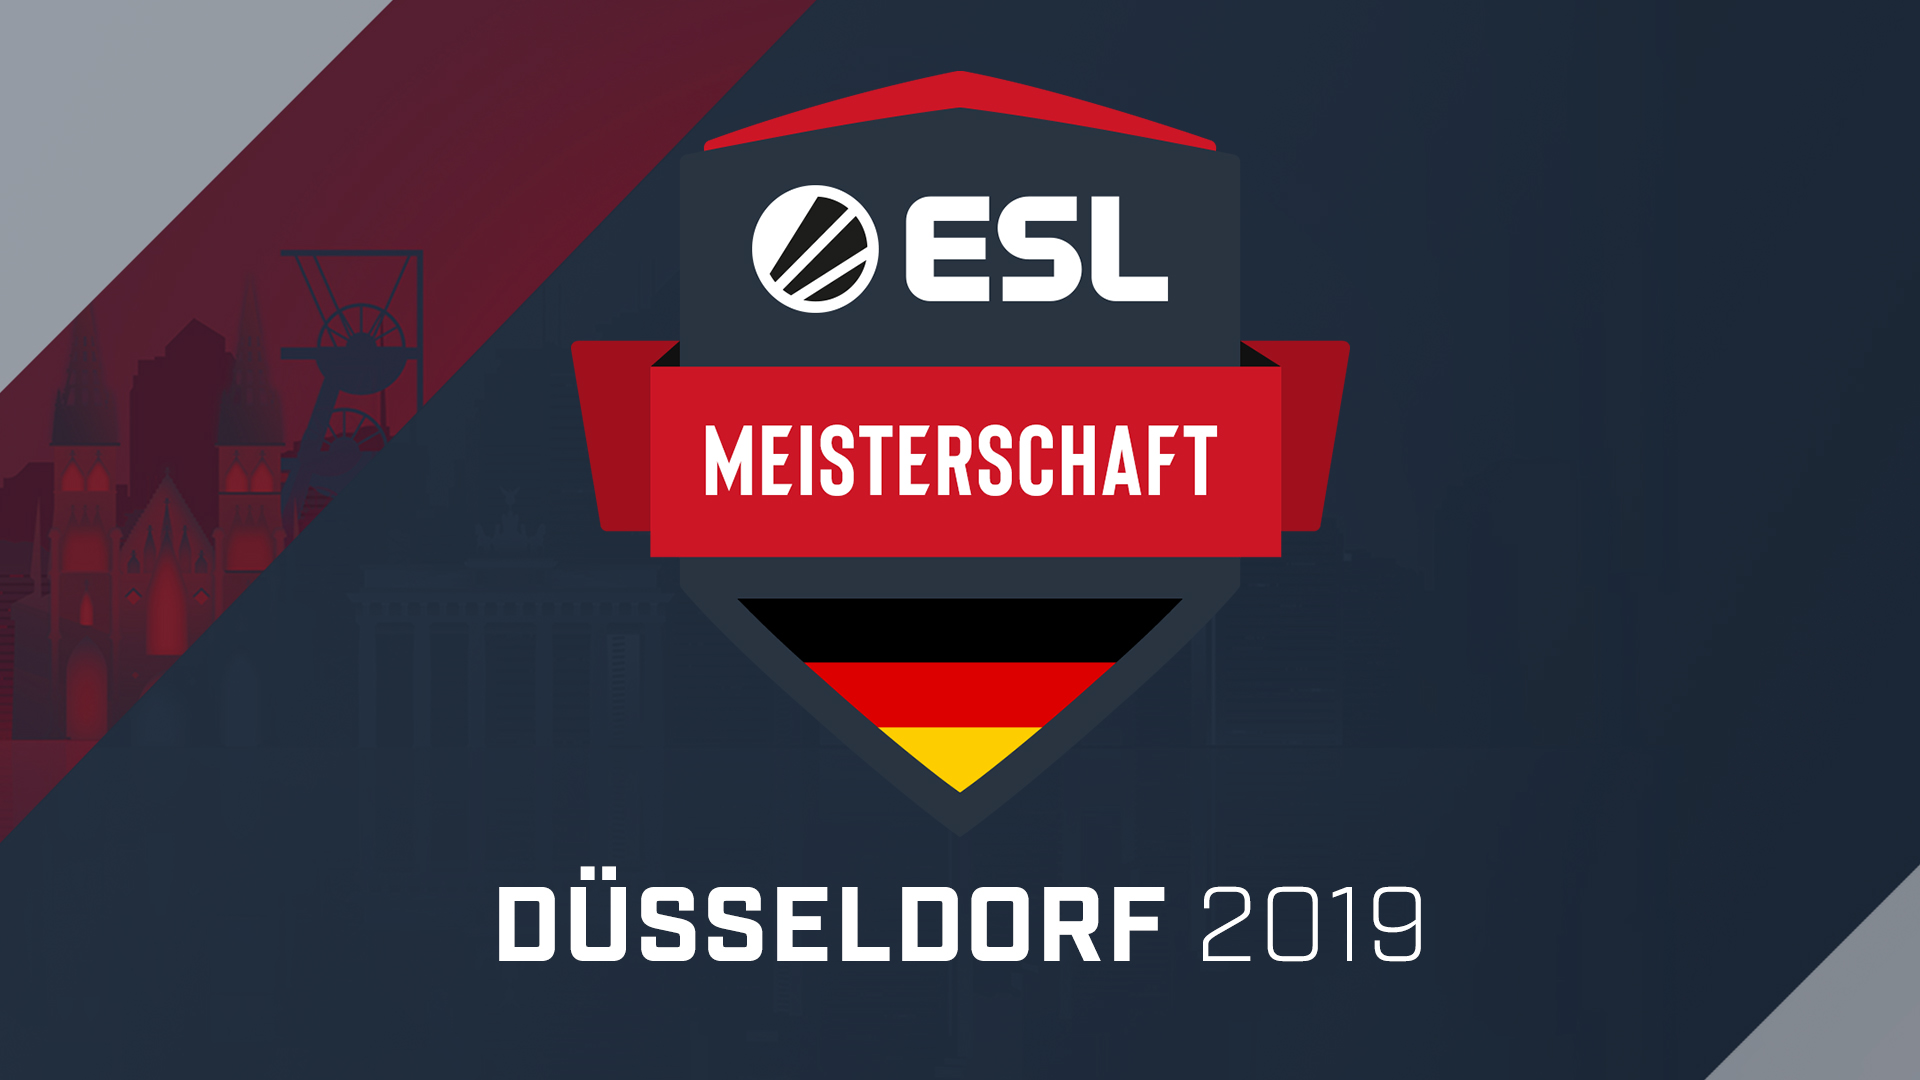 Die ESL Meisterschaft kehrt für die Finalspiele im Frühling zurück nach Düsseldorf